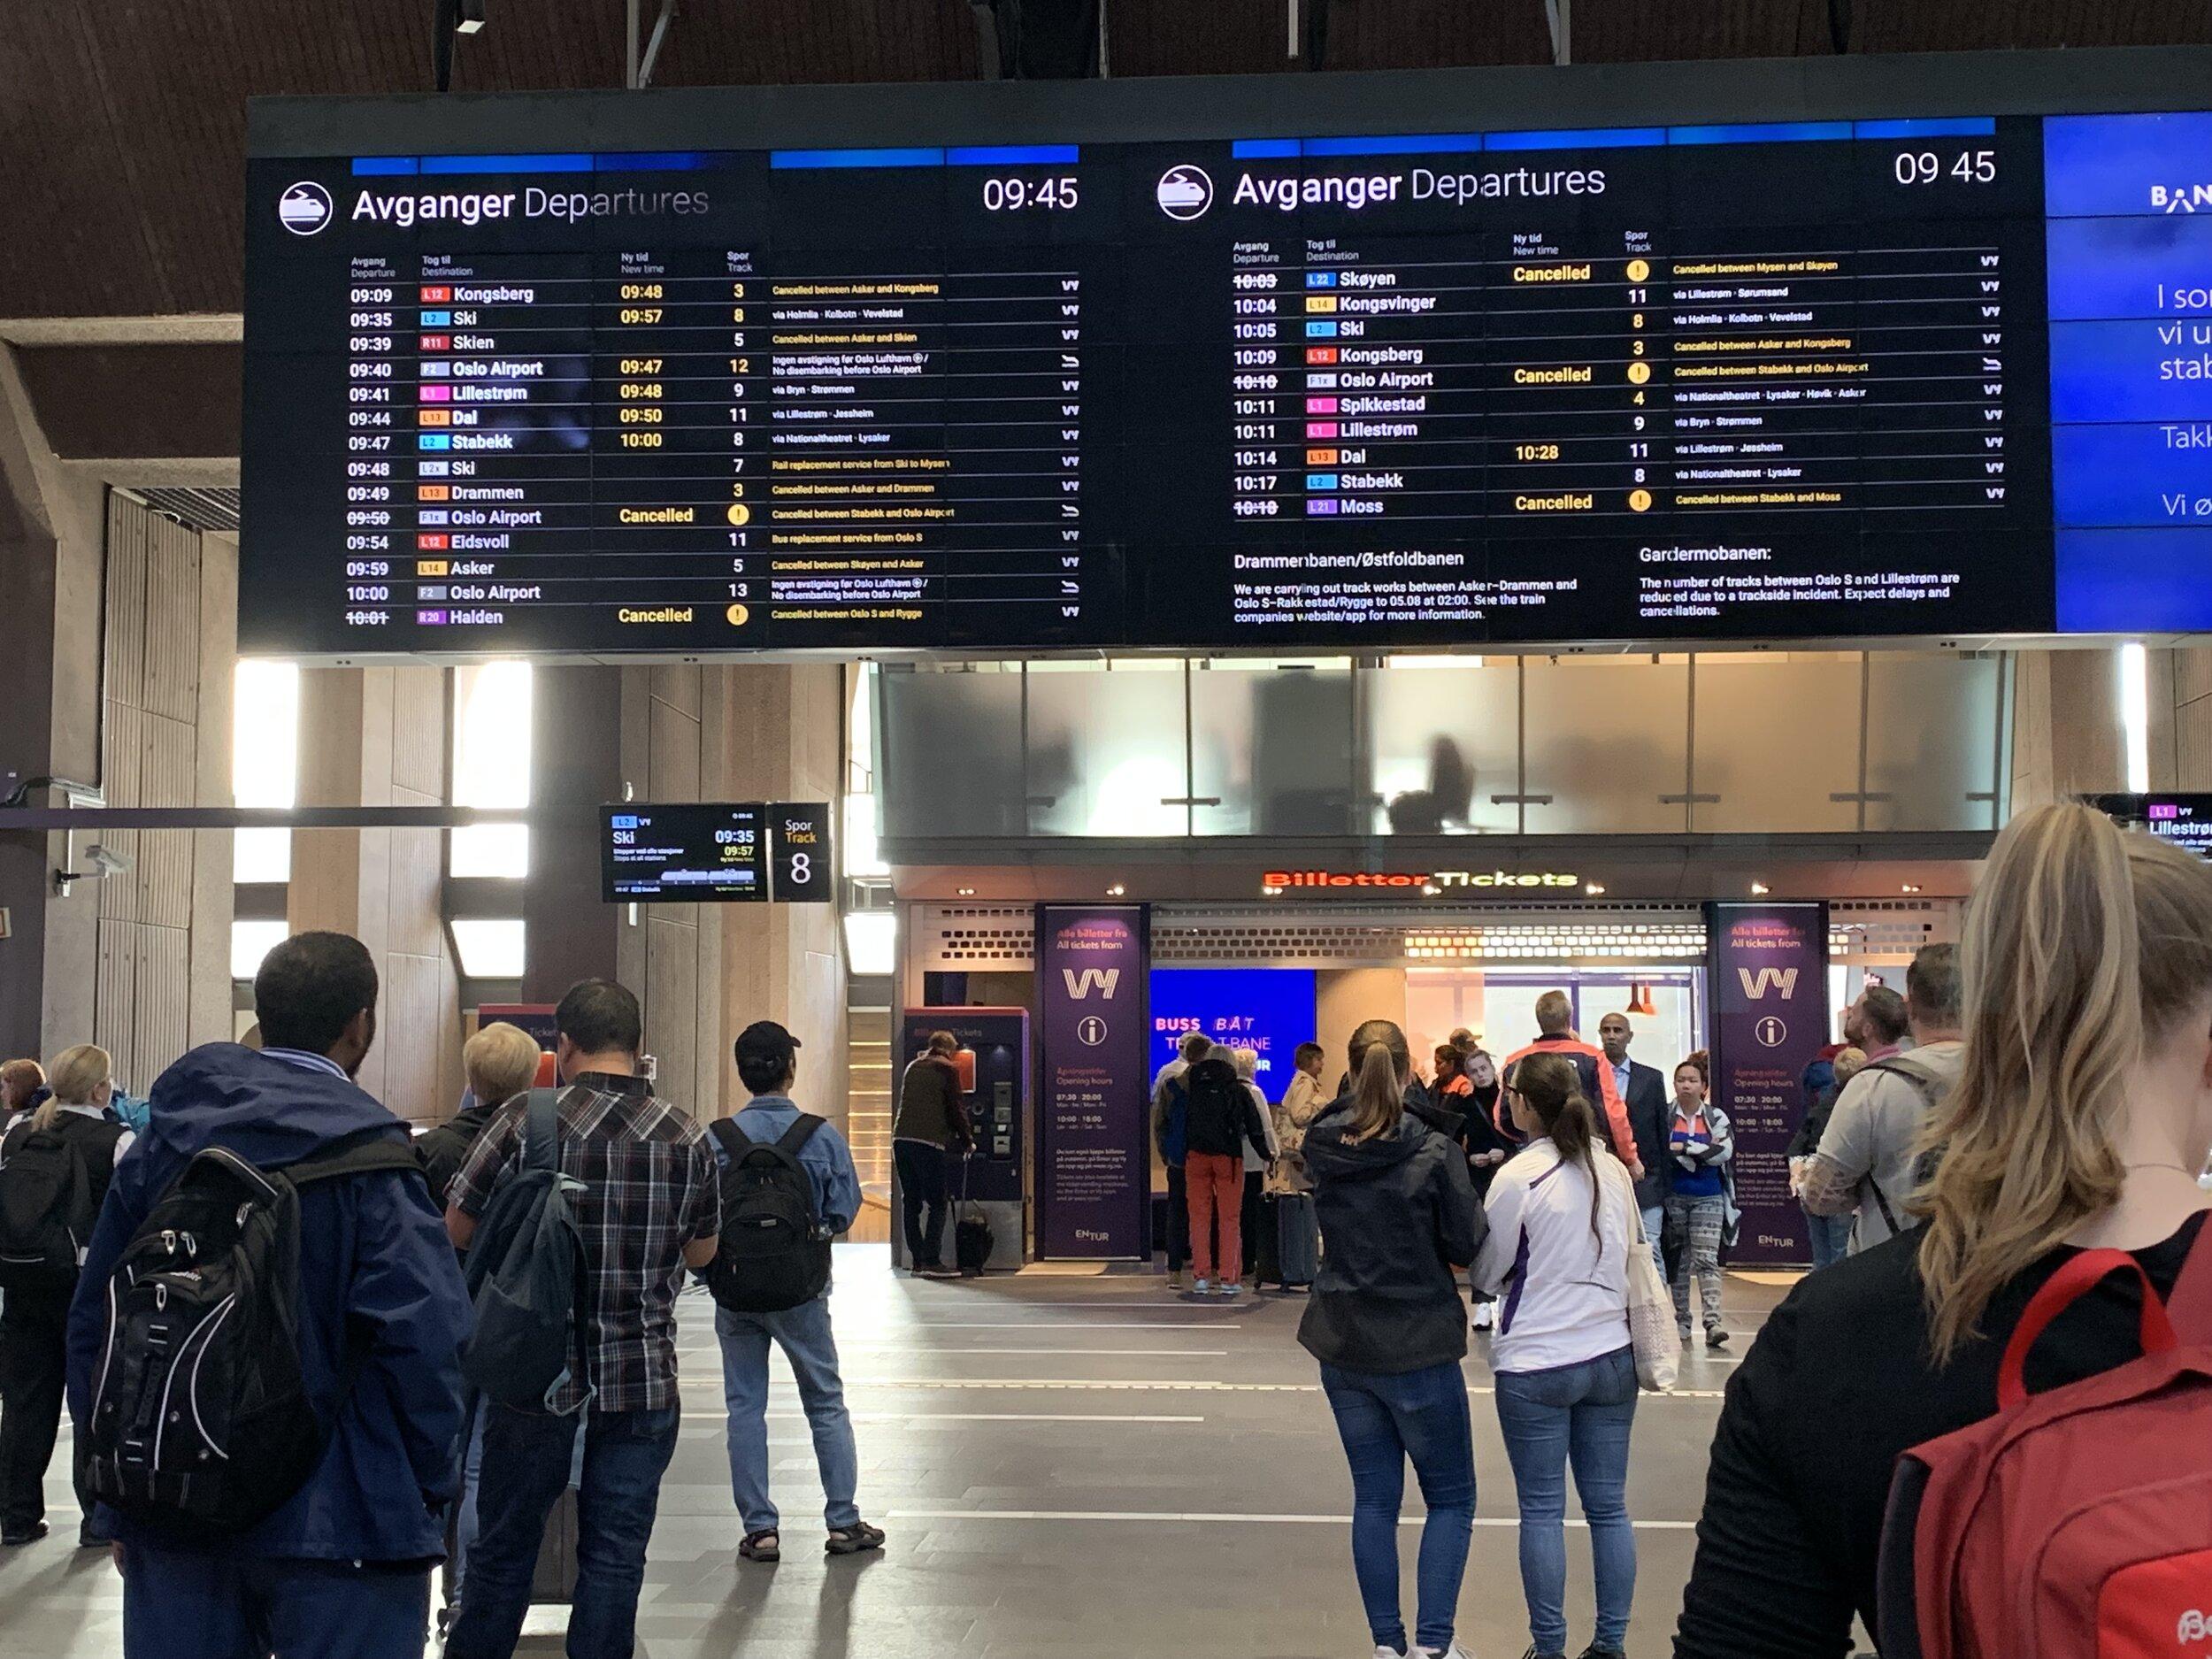 Reiseforsikringen din dekker ikke ekstrakostnader du har under togstreiken. Foto: Odd Roar Lange